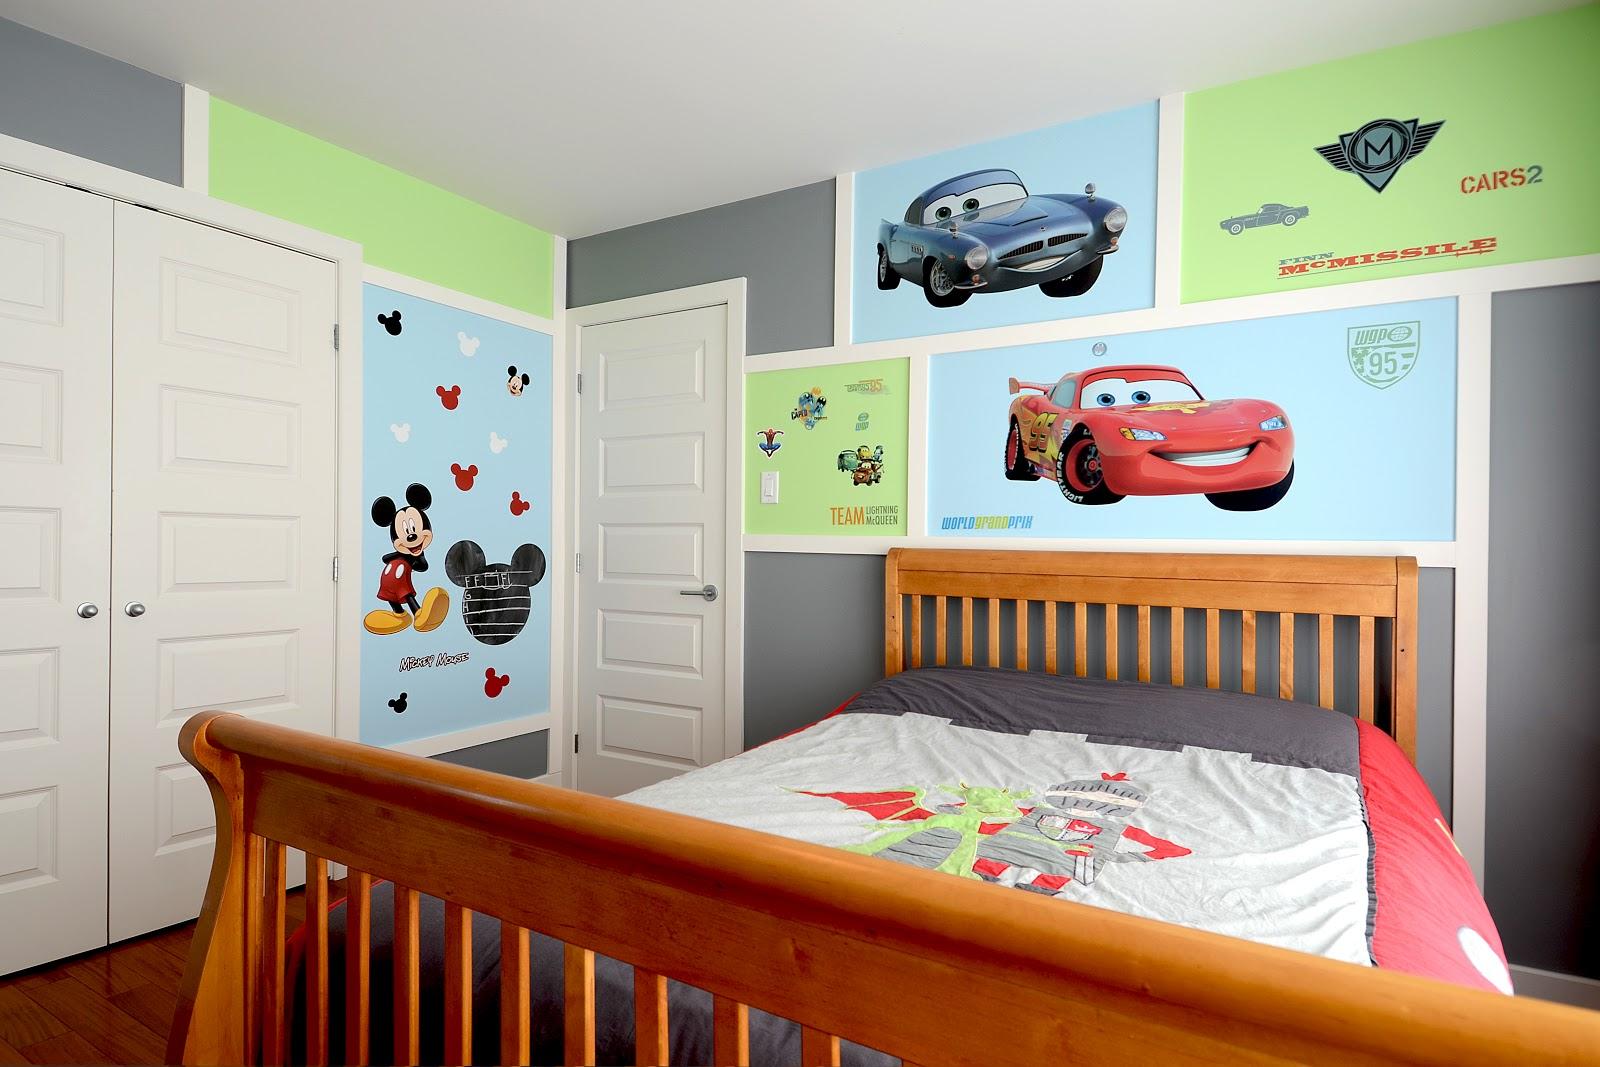 génial deco chambre garcon 3 ans #12: dco dcoration chambre enfant